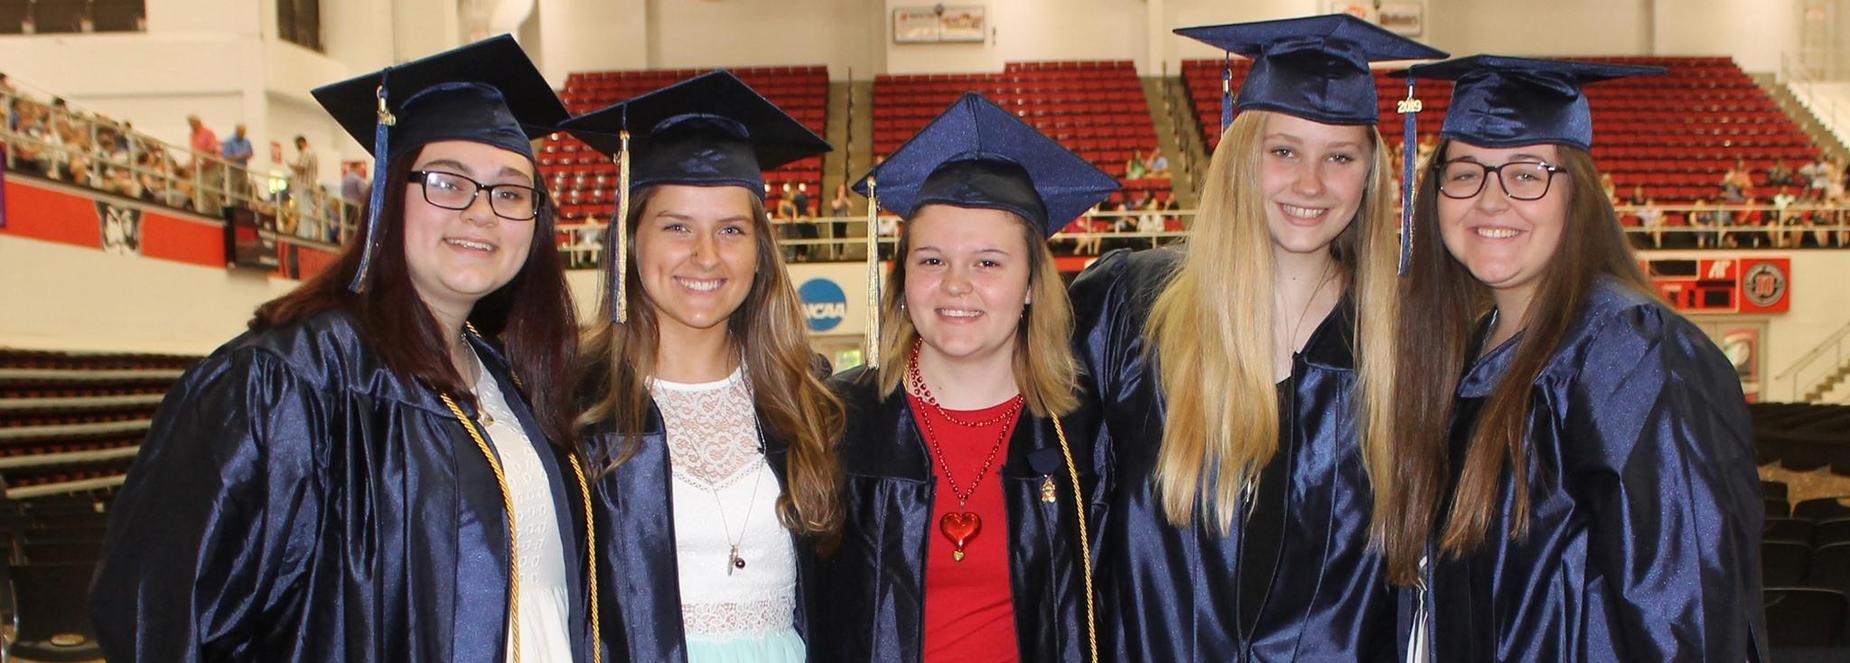 Sycamore High School 2019 graduation